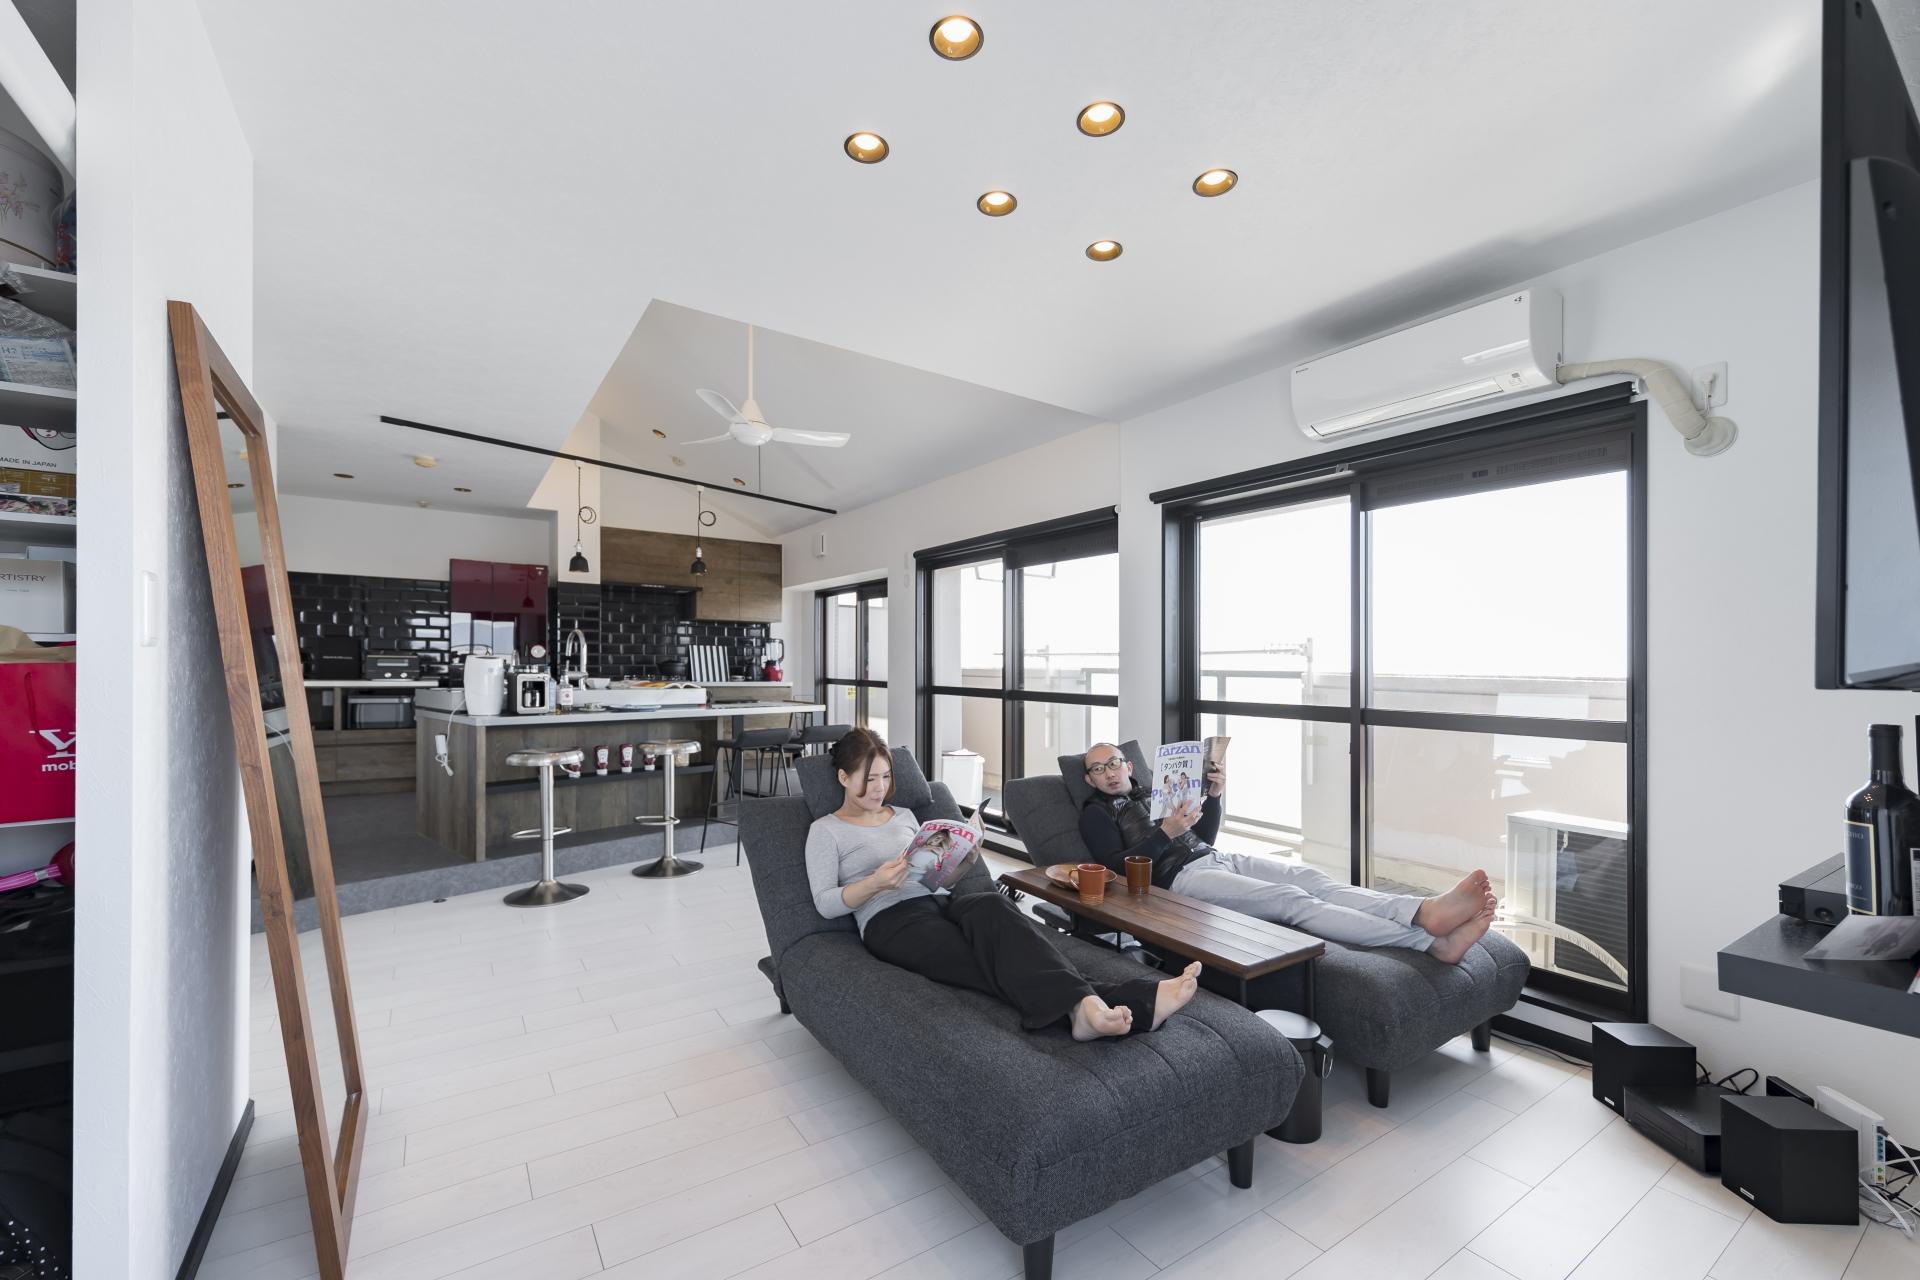 「フリーキスワークス(FRCHIS,WORKS)」のリノベーション事例「勾配天井をマンションリノベで実現。最上階のメリットを活かした住まい。」